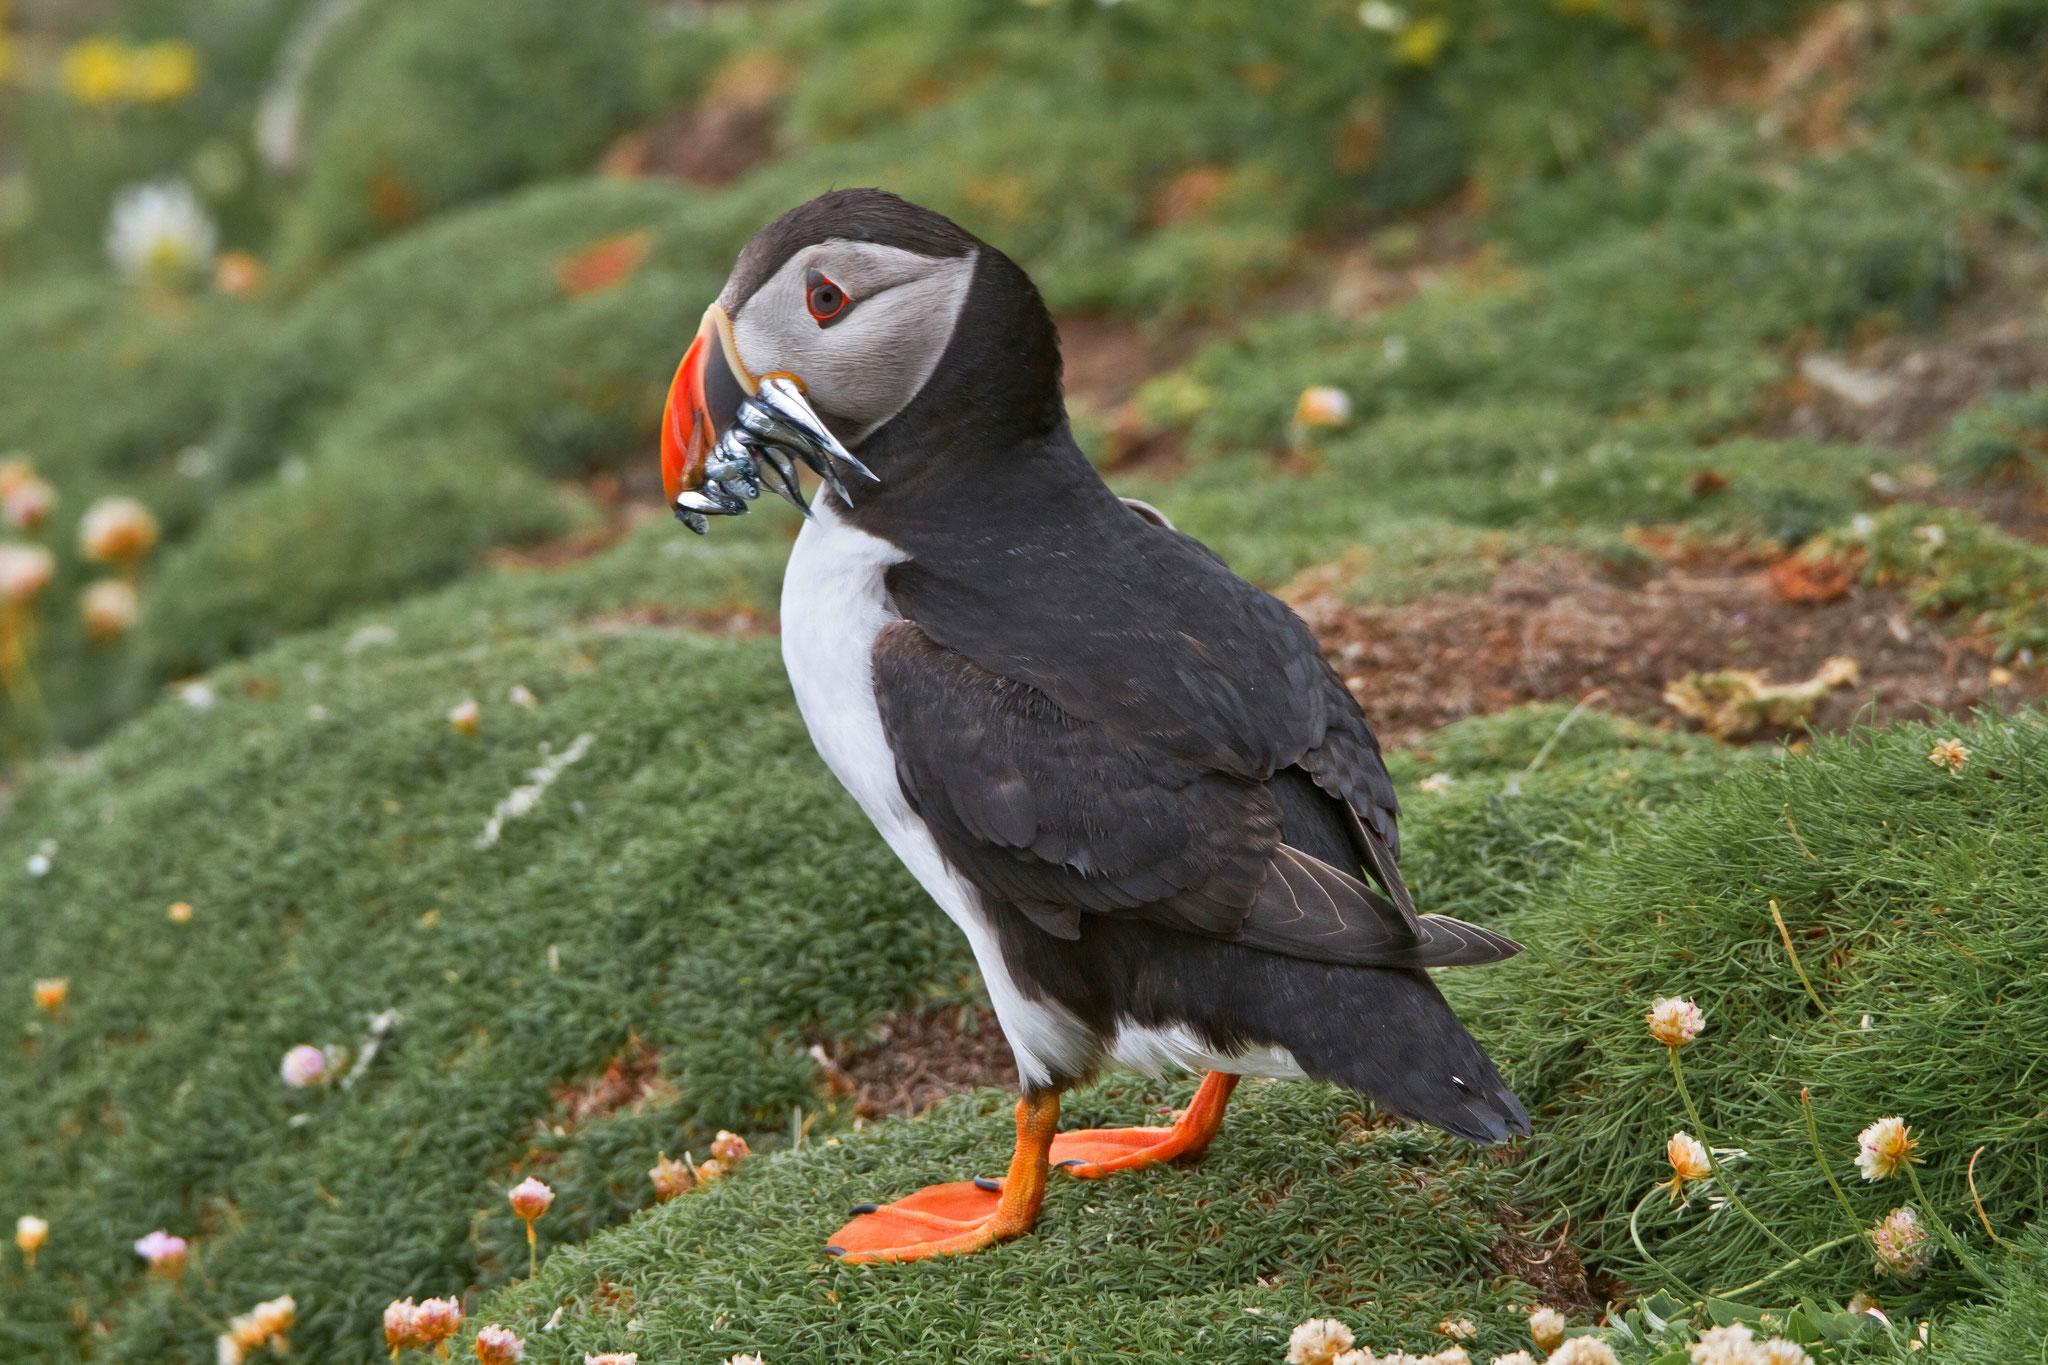 Papageitaucher, Sumburgh, Shetland, Grossbritannien